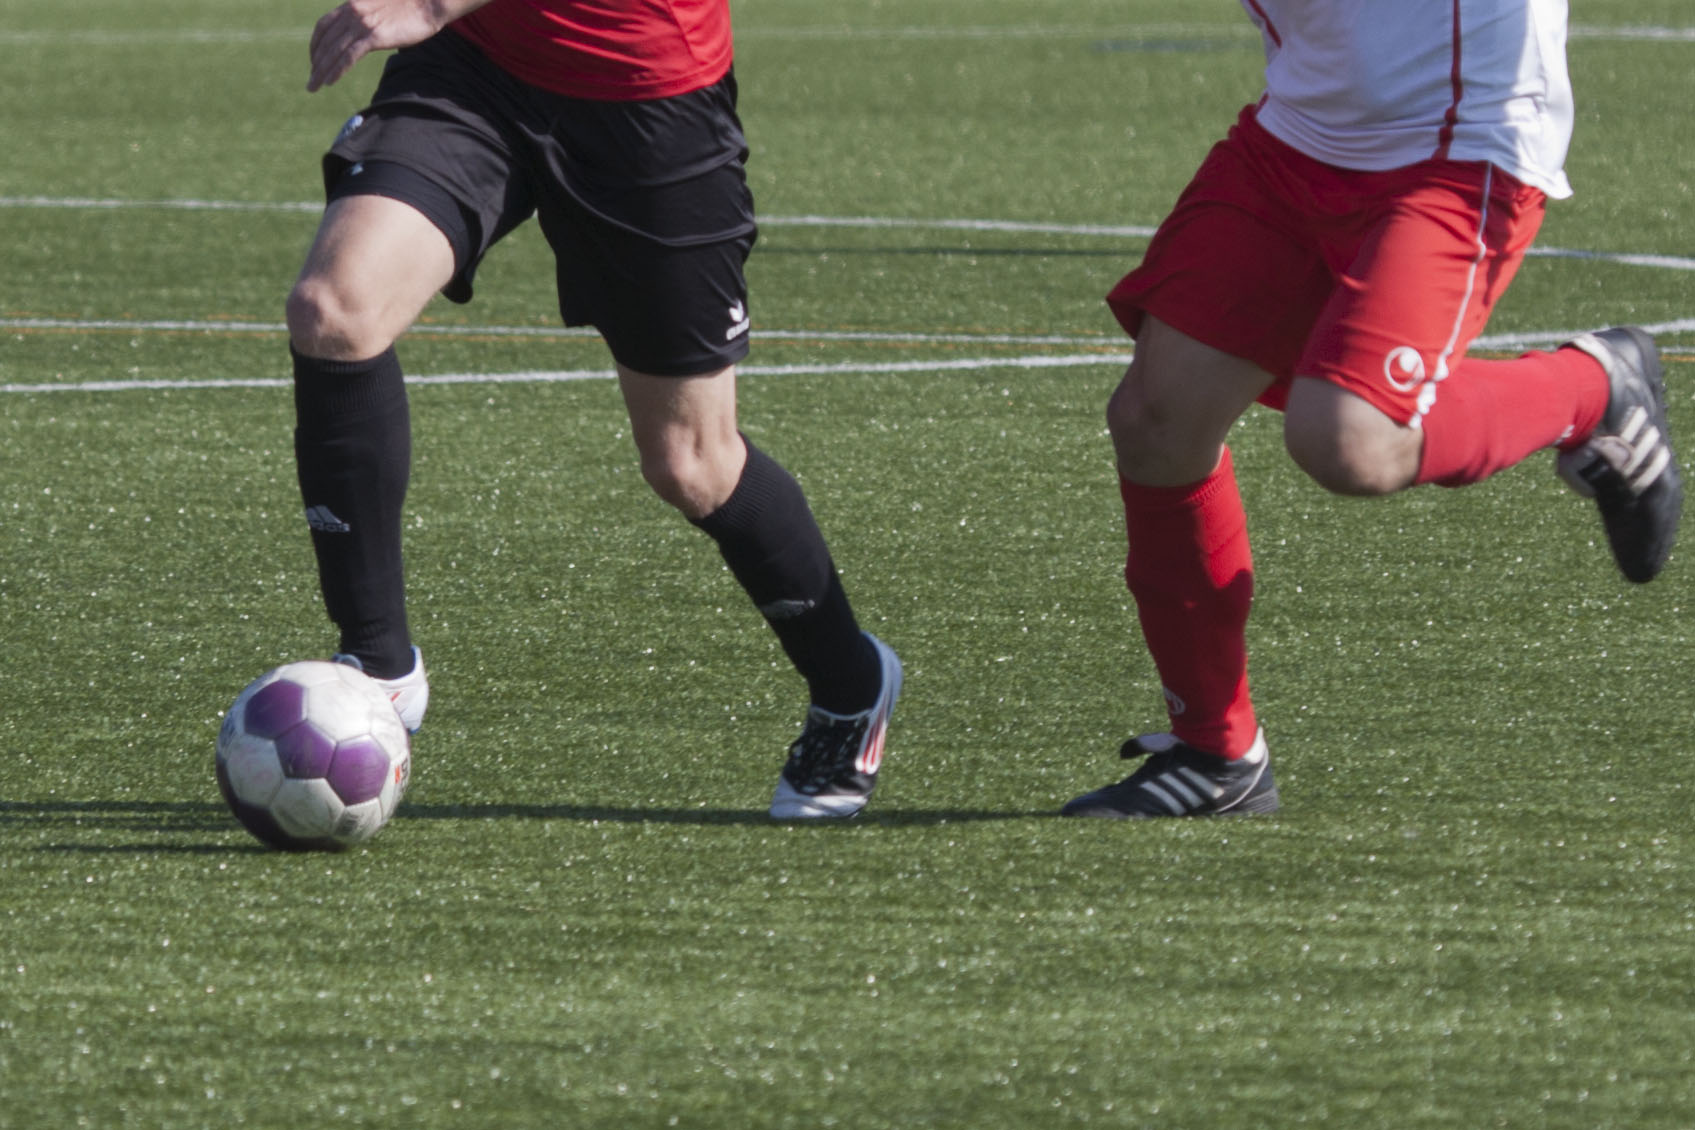 Fußball und Zusammenhalt gegen Rassismus